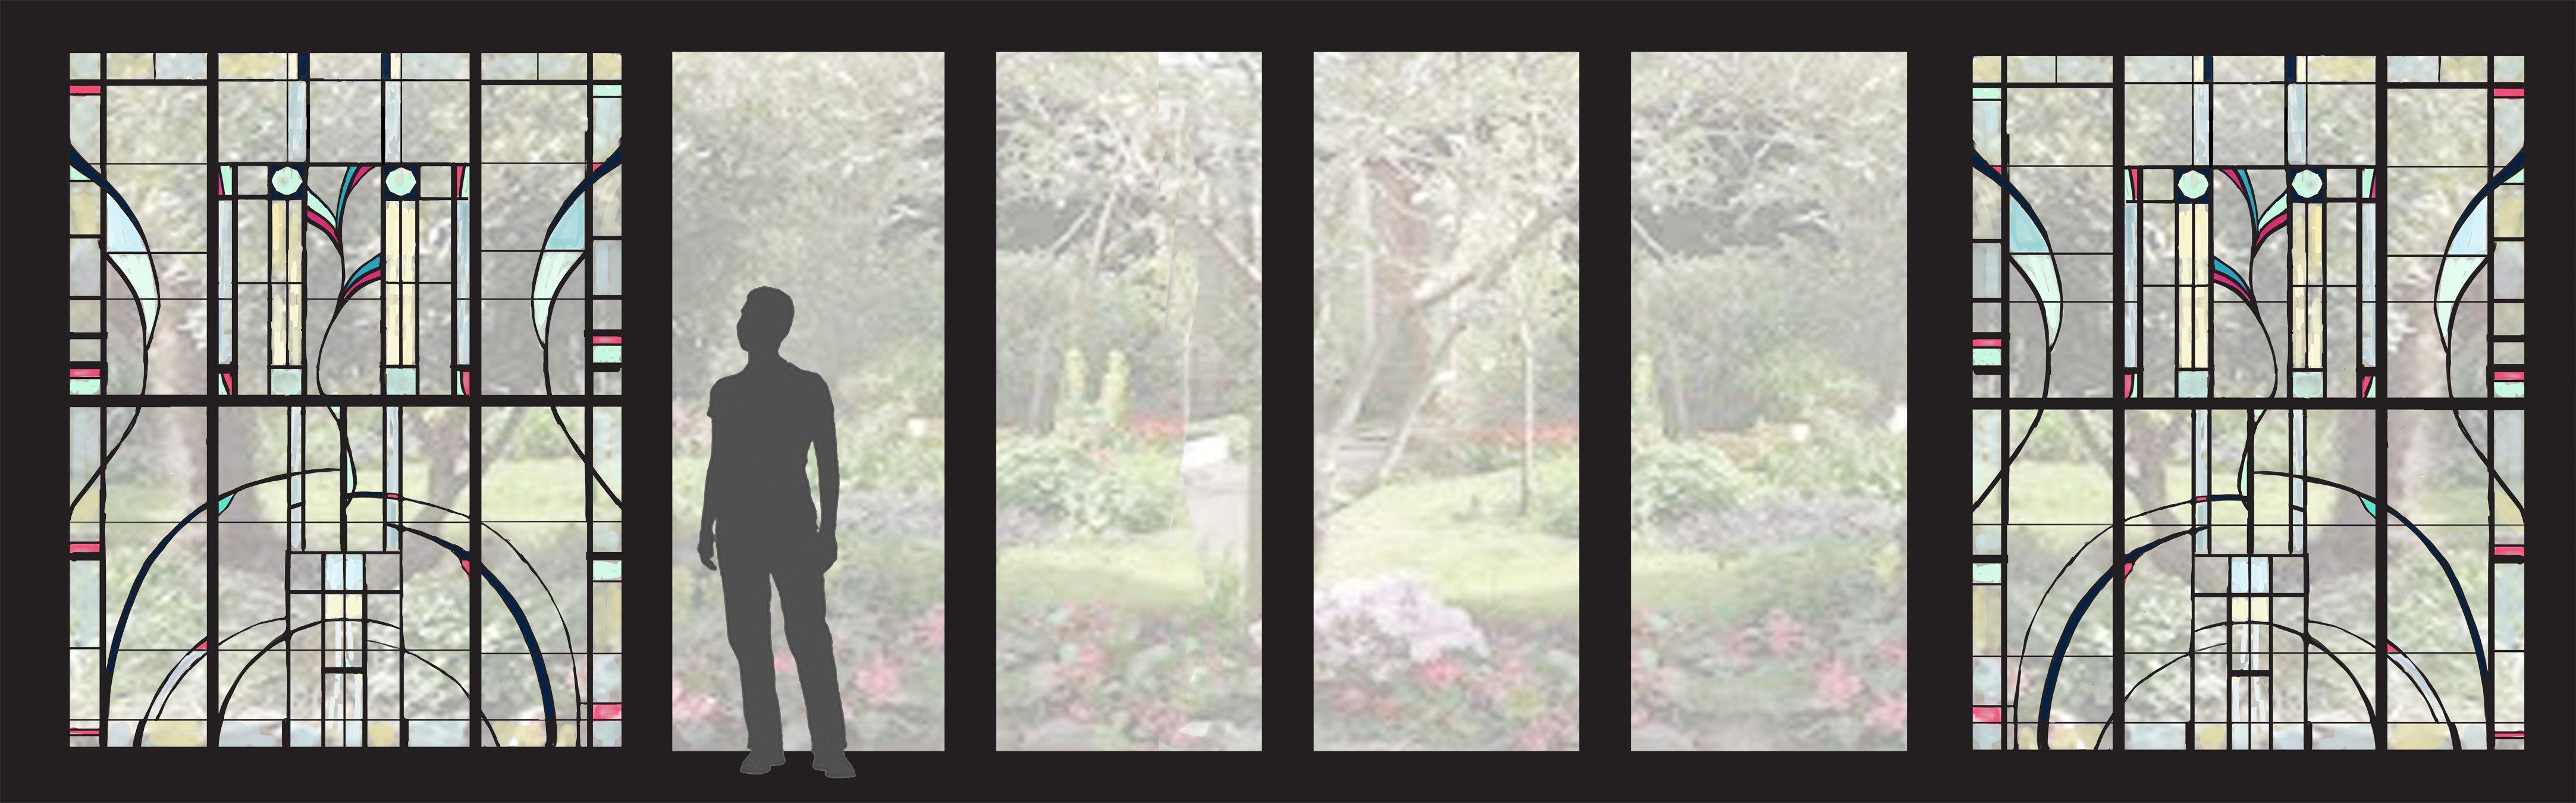 Fig-house-sketch-composite